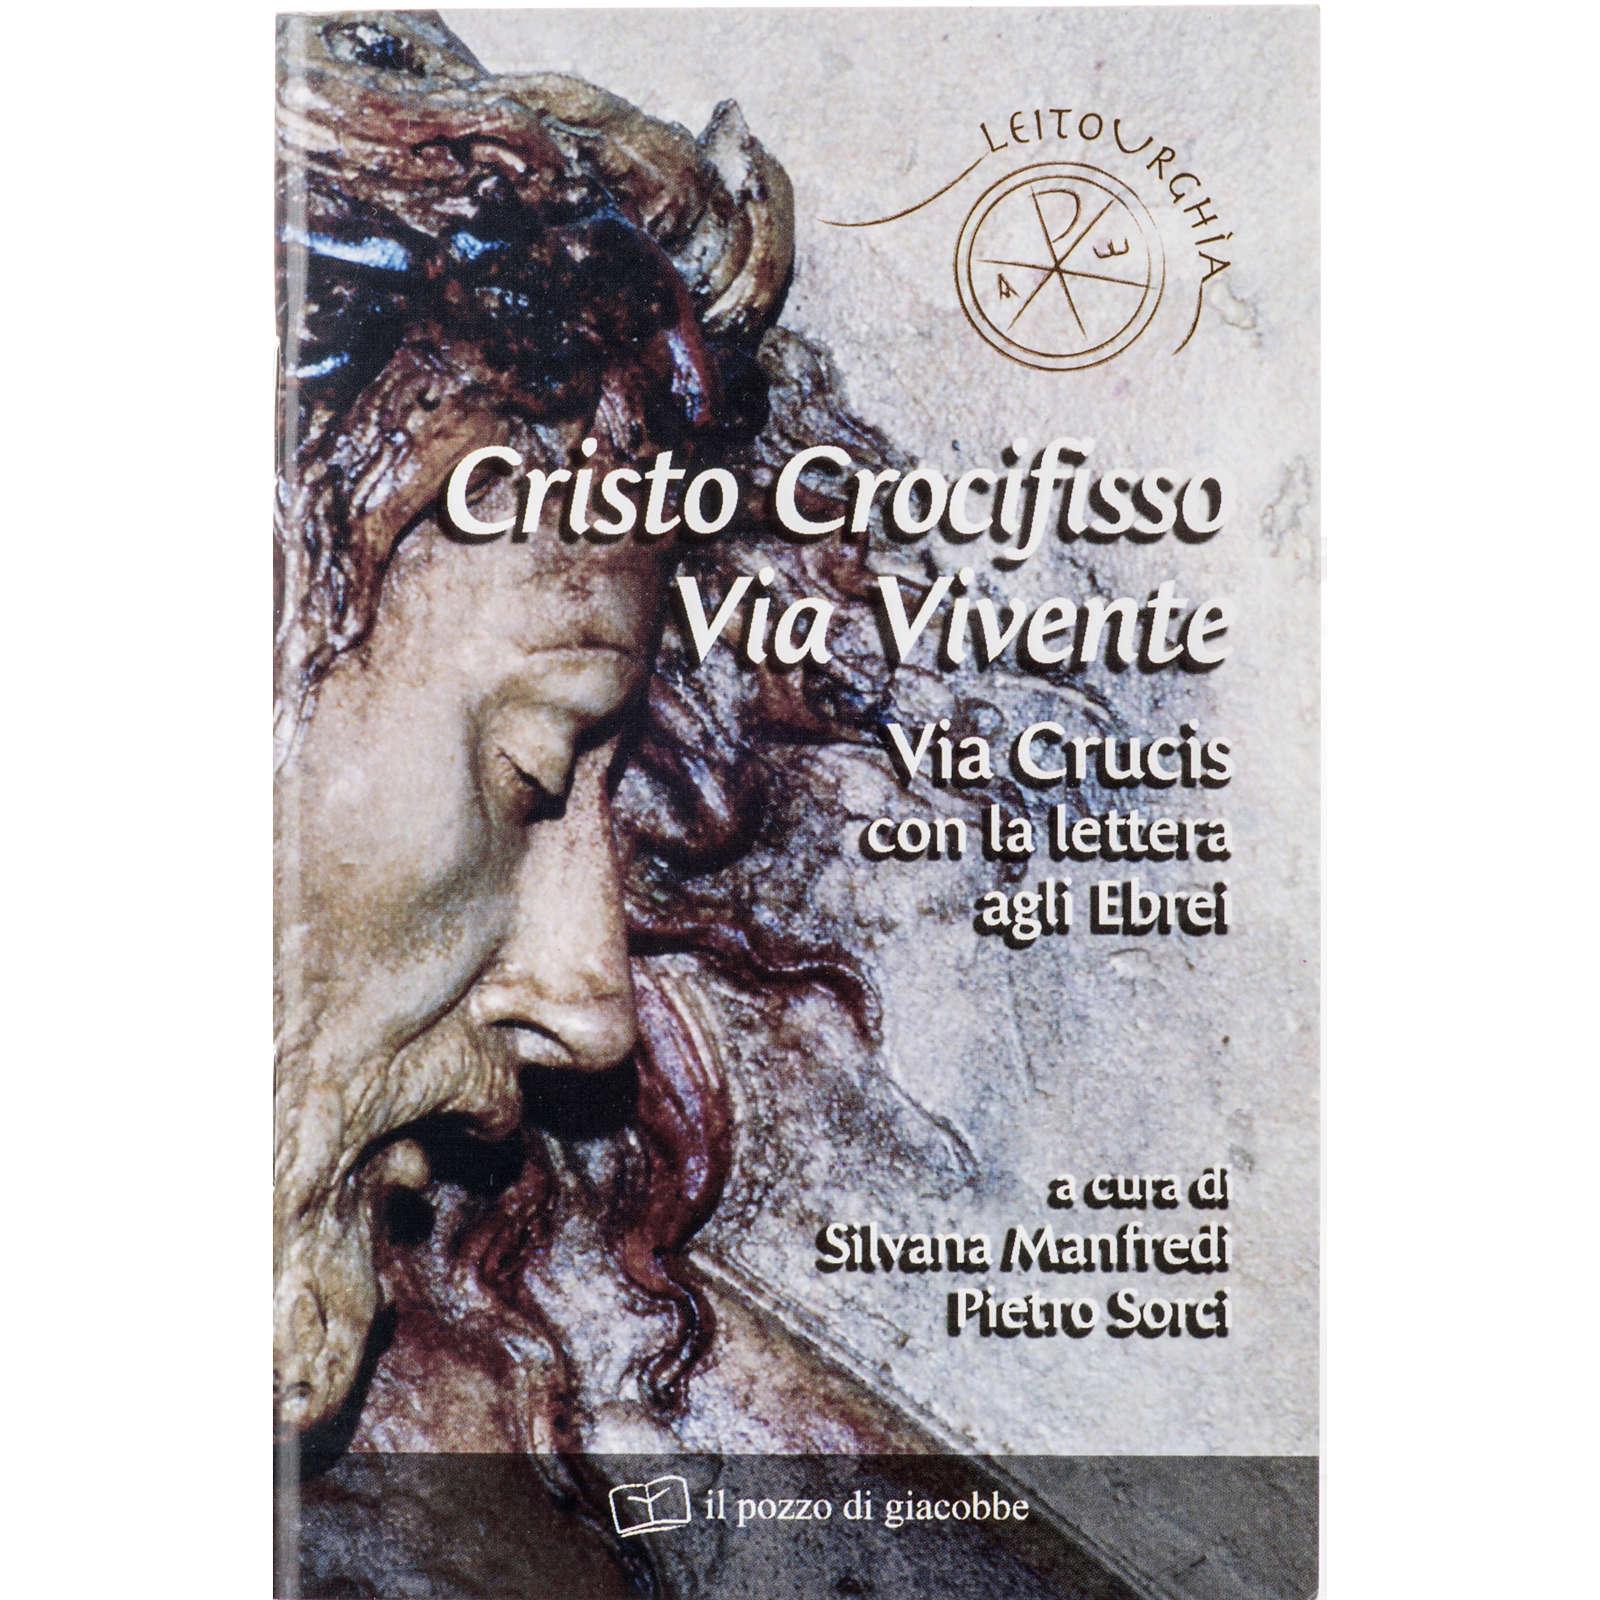 Cristo Crocifisso Via Crucis Vivente 4